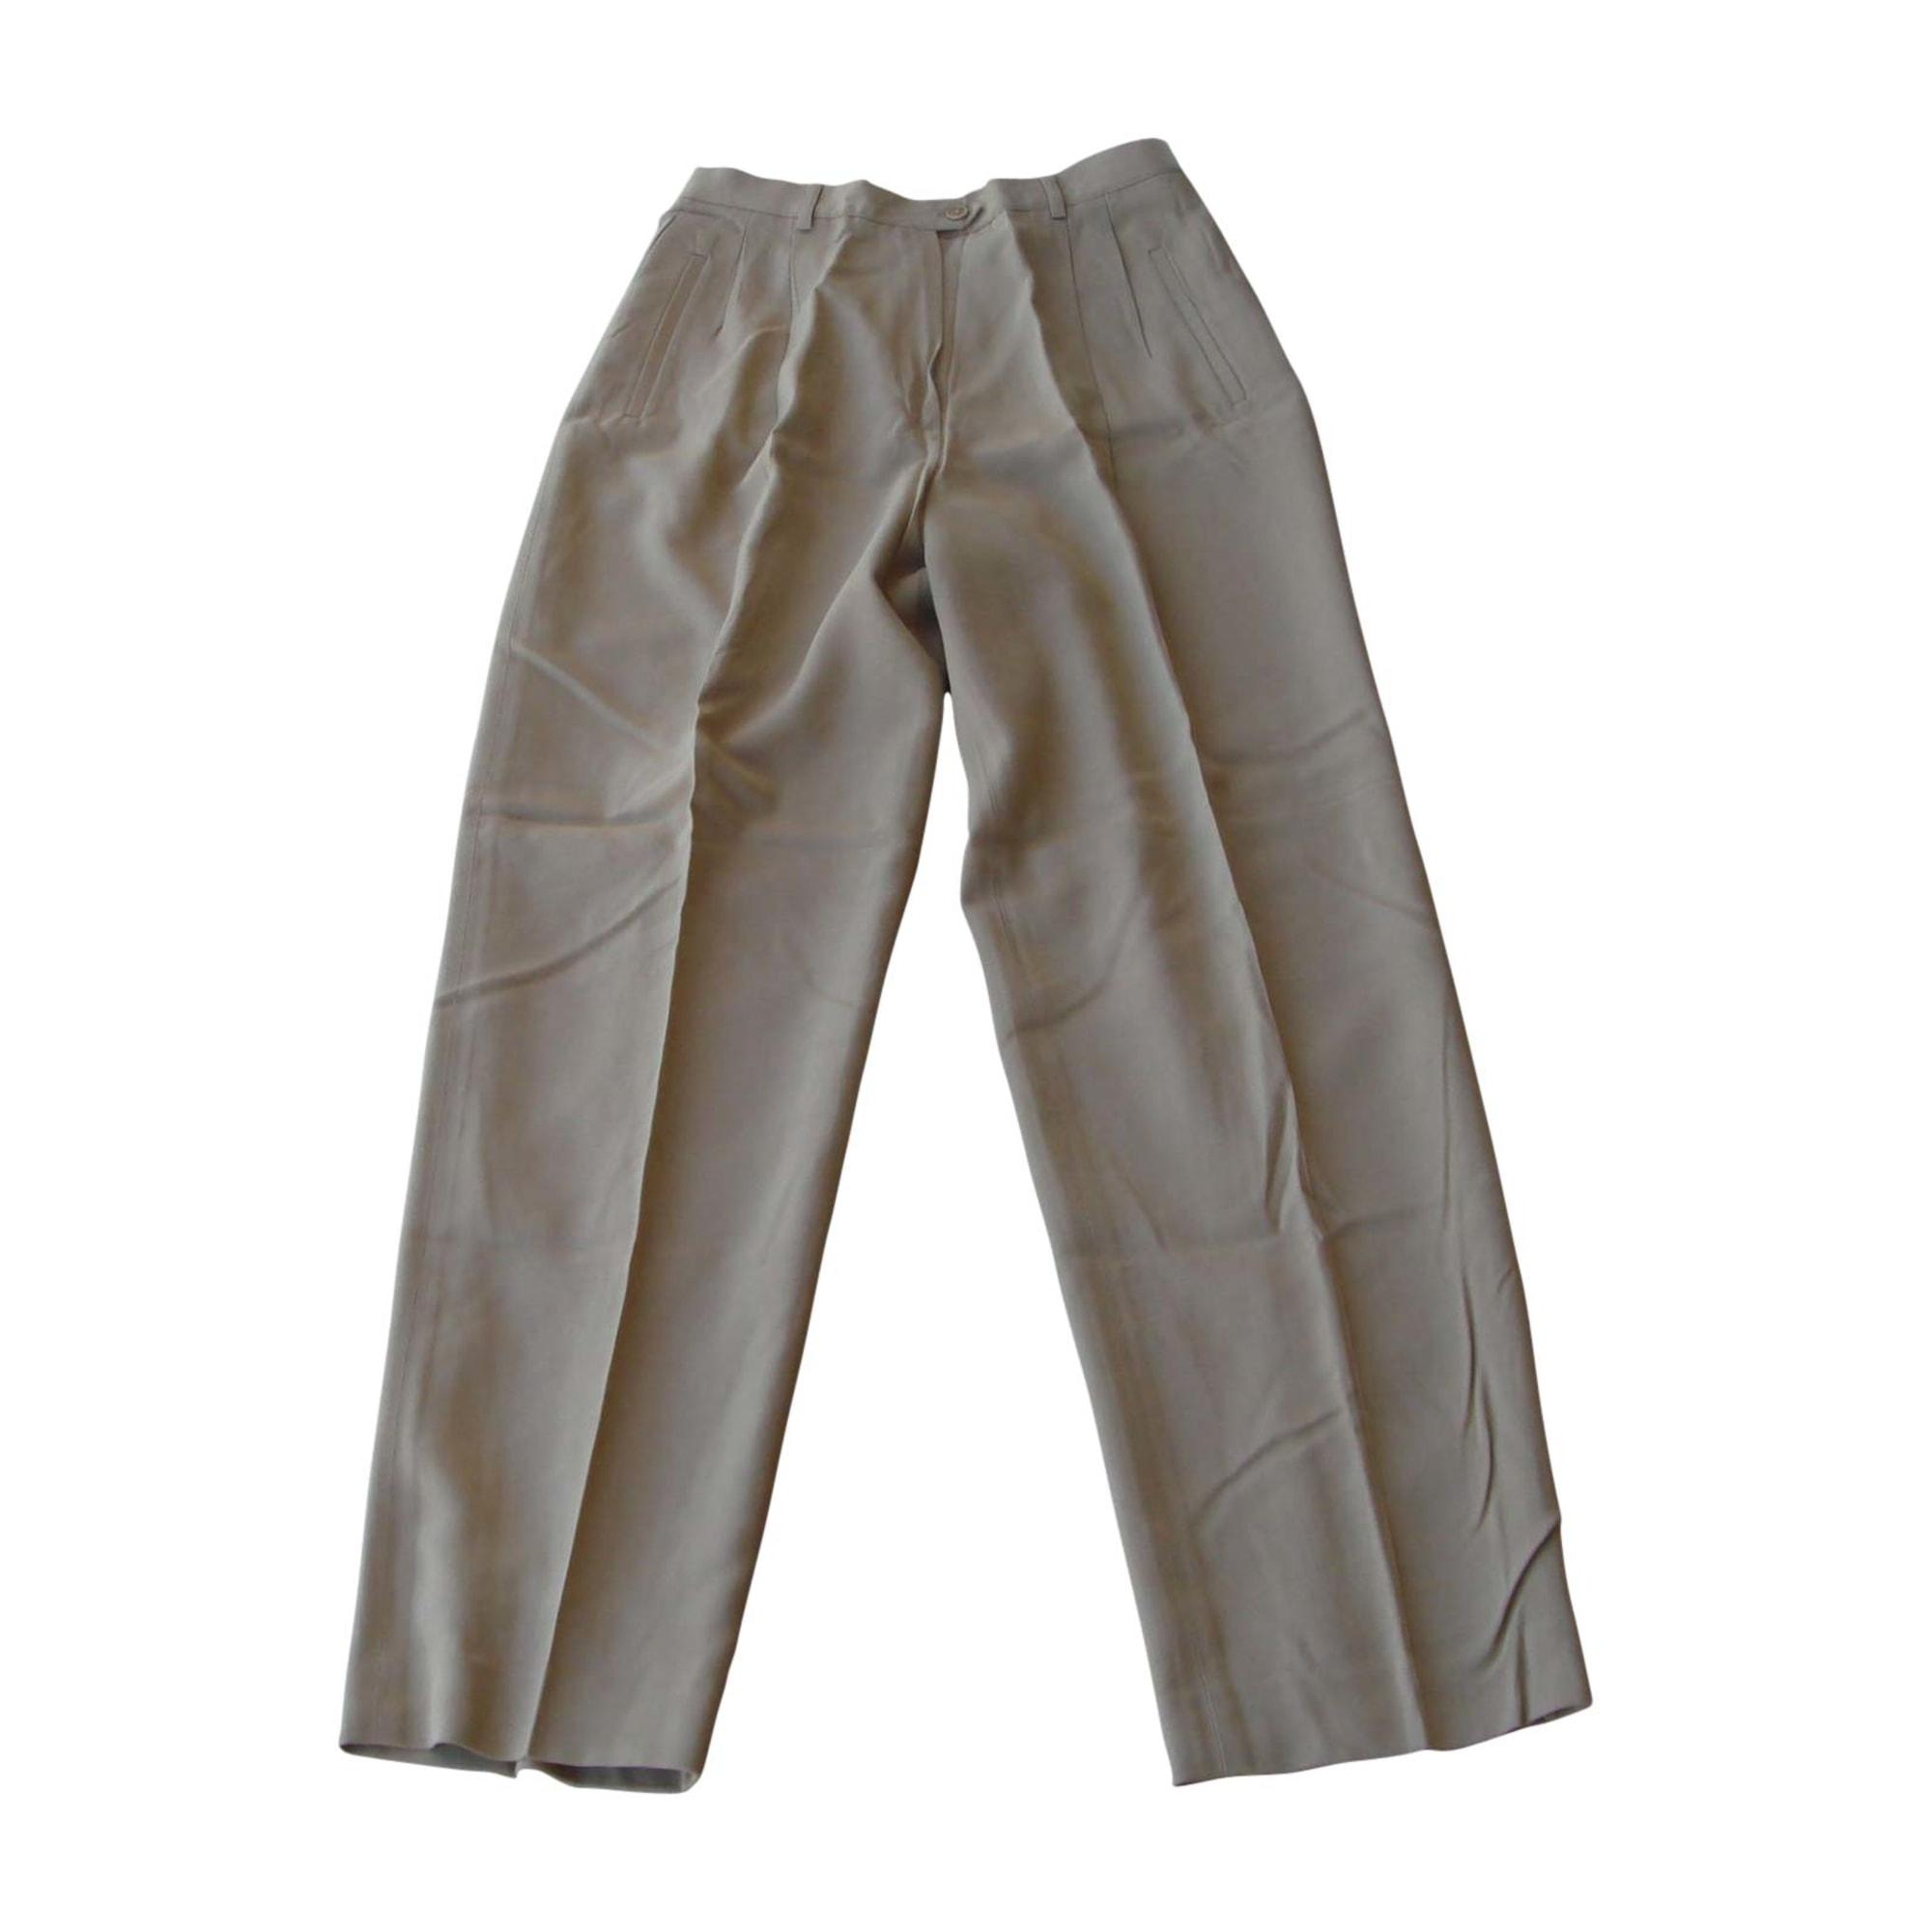 Pantalon large RALPH LAUREN Beige, camel